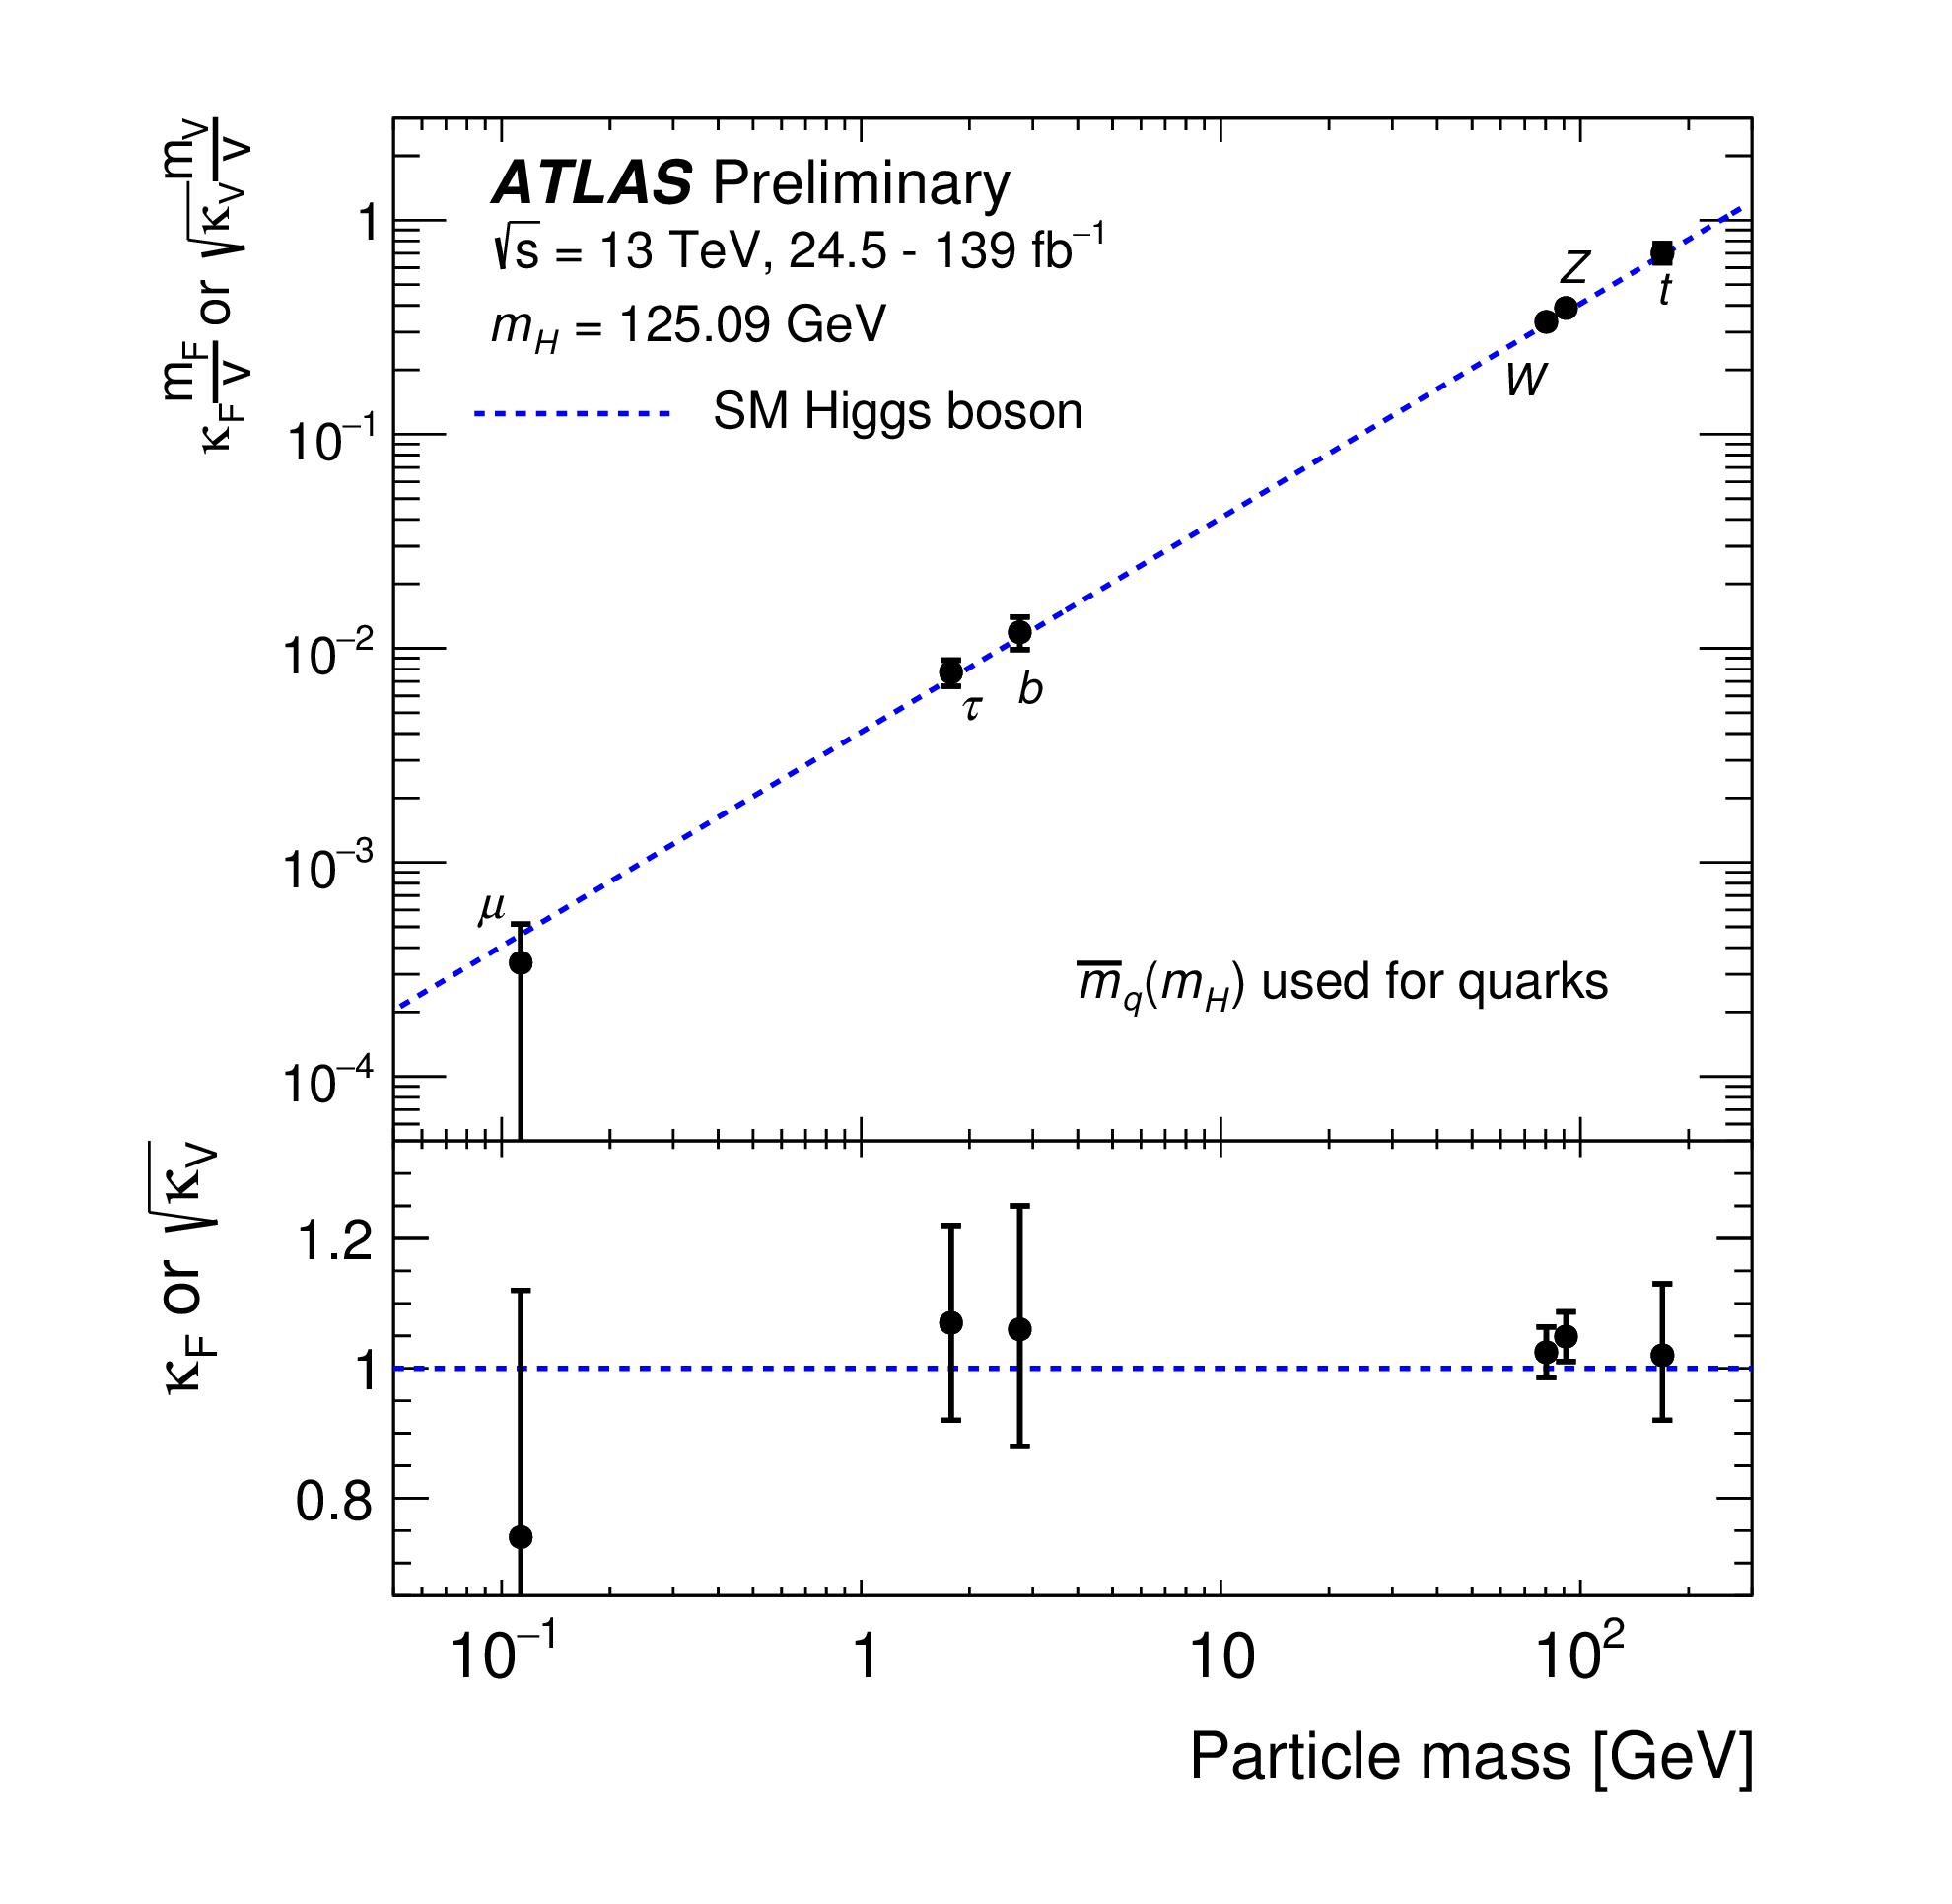 https://atlas.web.cern.ch/Atlas/GROUPS/PHYSICS/CombinedSummaryPlots/HIGGS/ATLAS_HIGGS4400_kappa_vs_mass/ATLAS_HIGGS4400_kappa_vs_mass.png